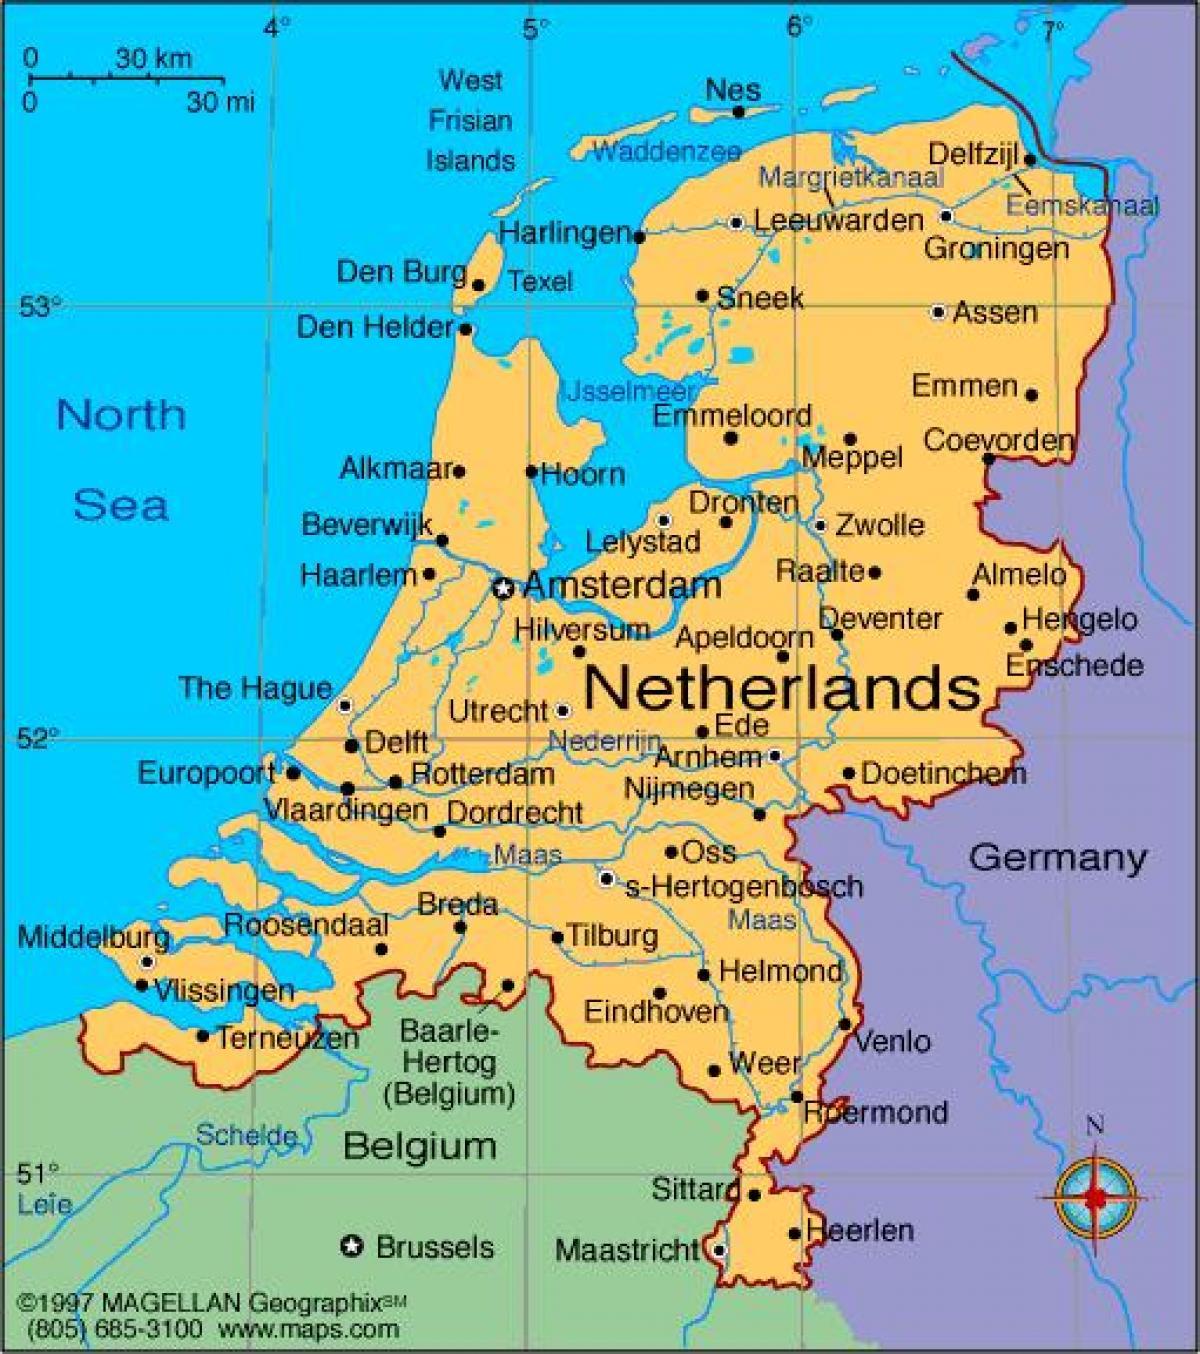 Karte Von Europa Mit Städten.Niederlande Städte Map Karte Von Niederlande Mit Den Städten West